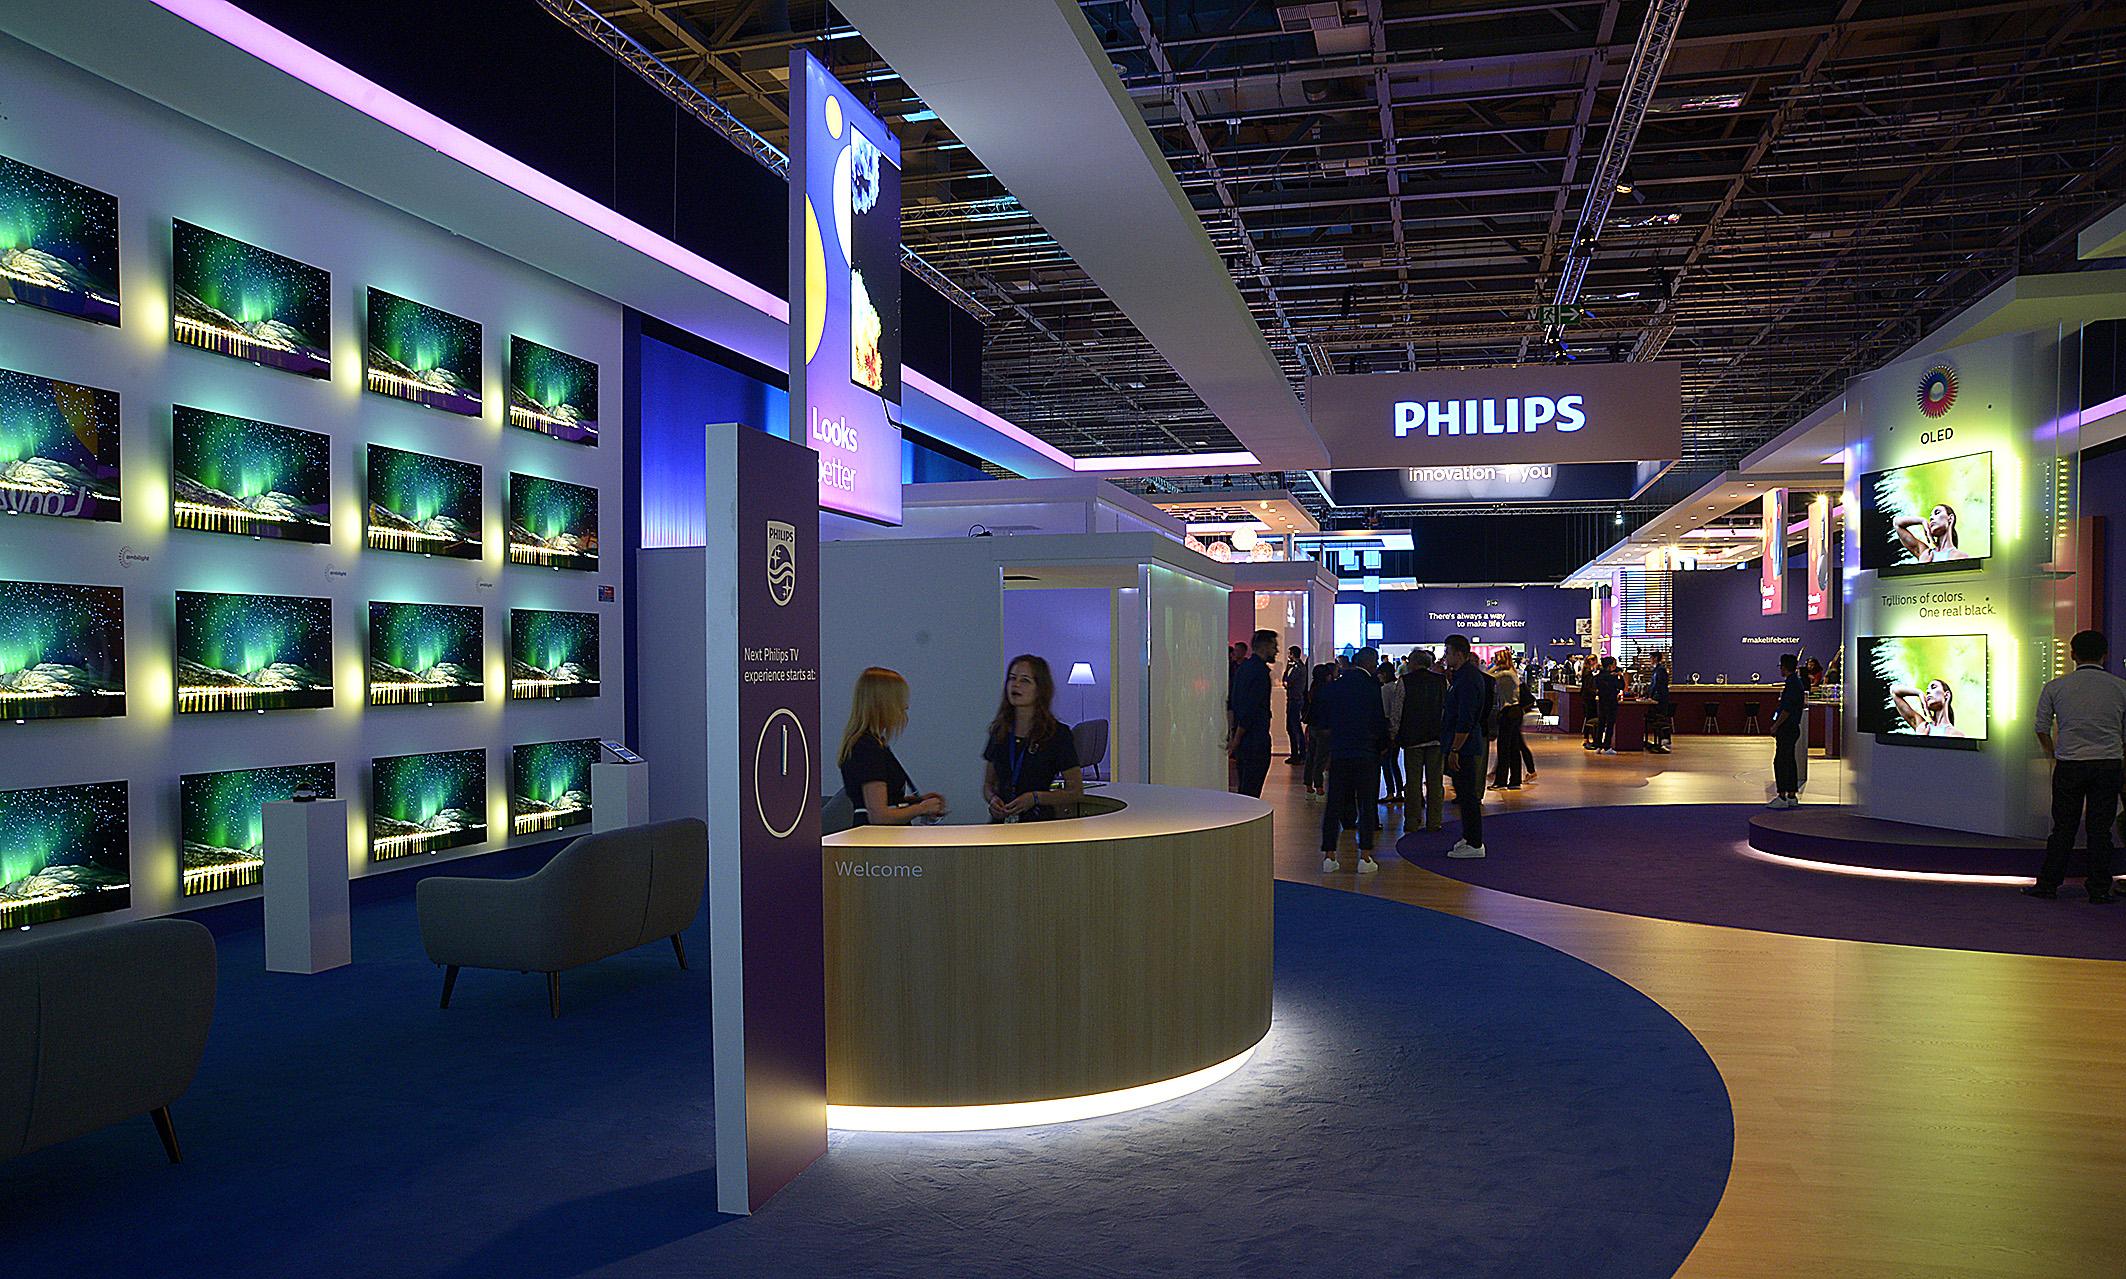 Foto: Michael B. Rehders Am Pressetag war es angenehm leer bei Philips. Das wird sich spätestens heute öffnen, wenn die IFA die Pforten für alle Besucher öffnet.